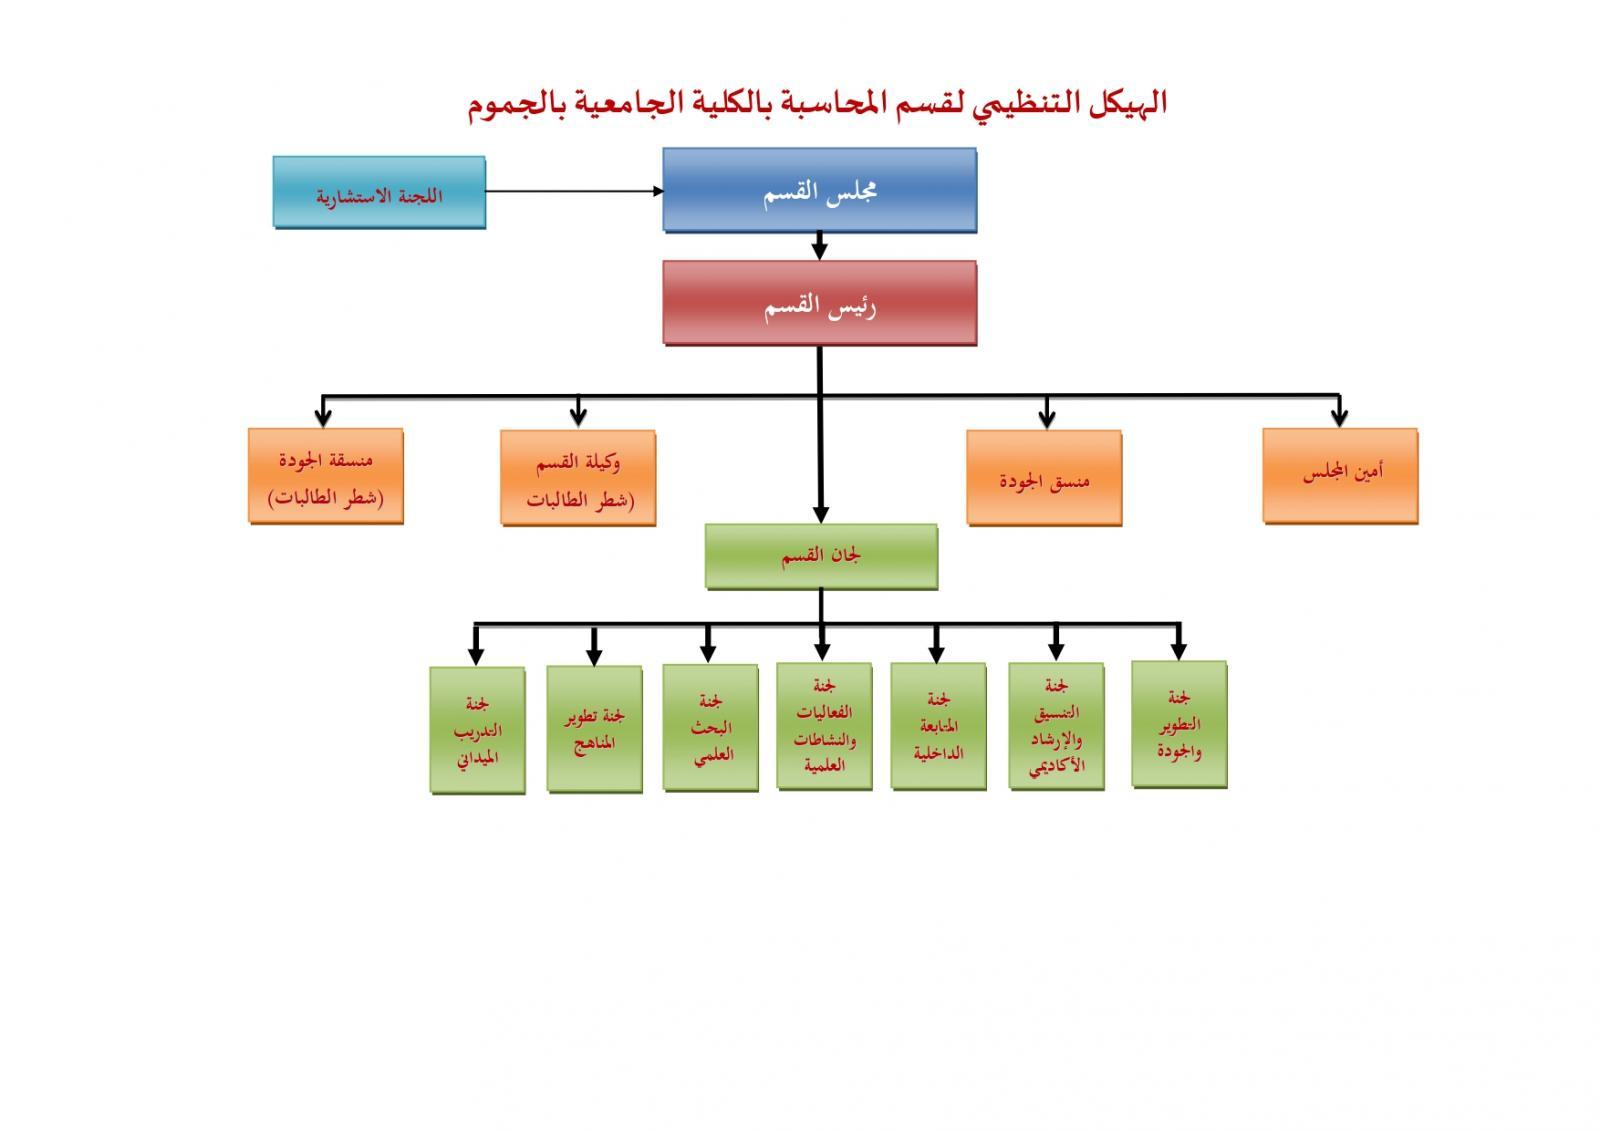 الهيكل التمظيمى لقسم المحاسبة